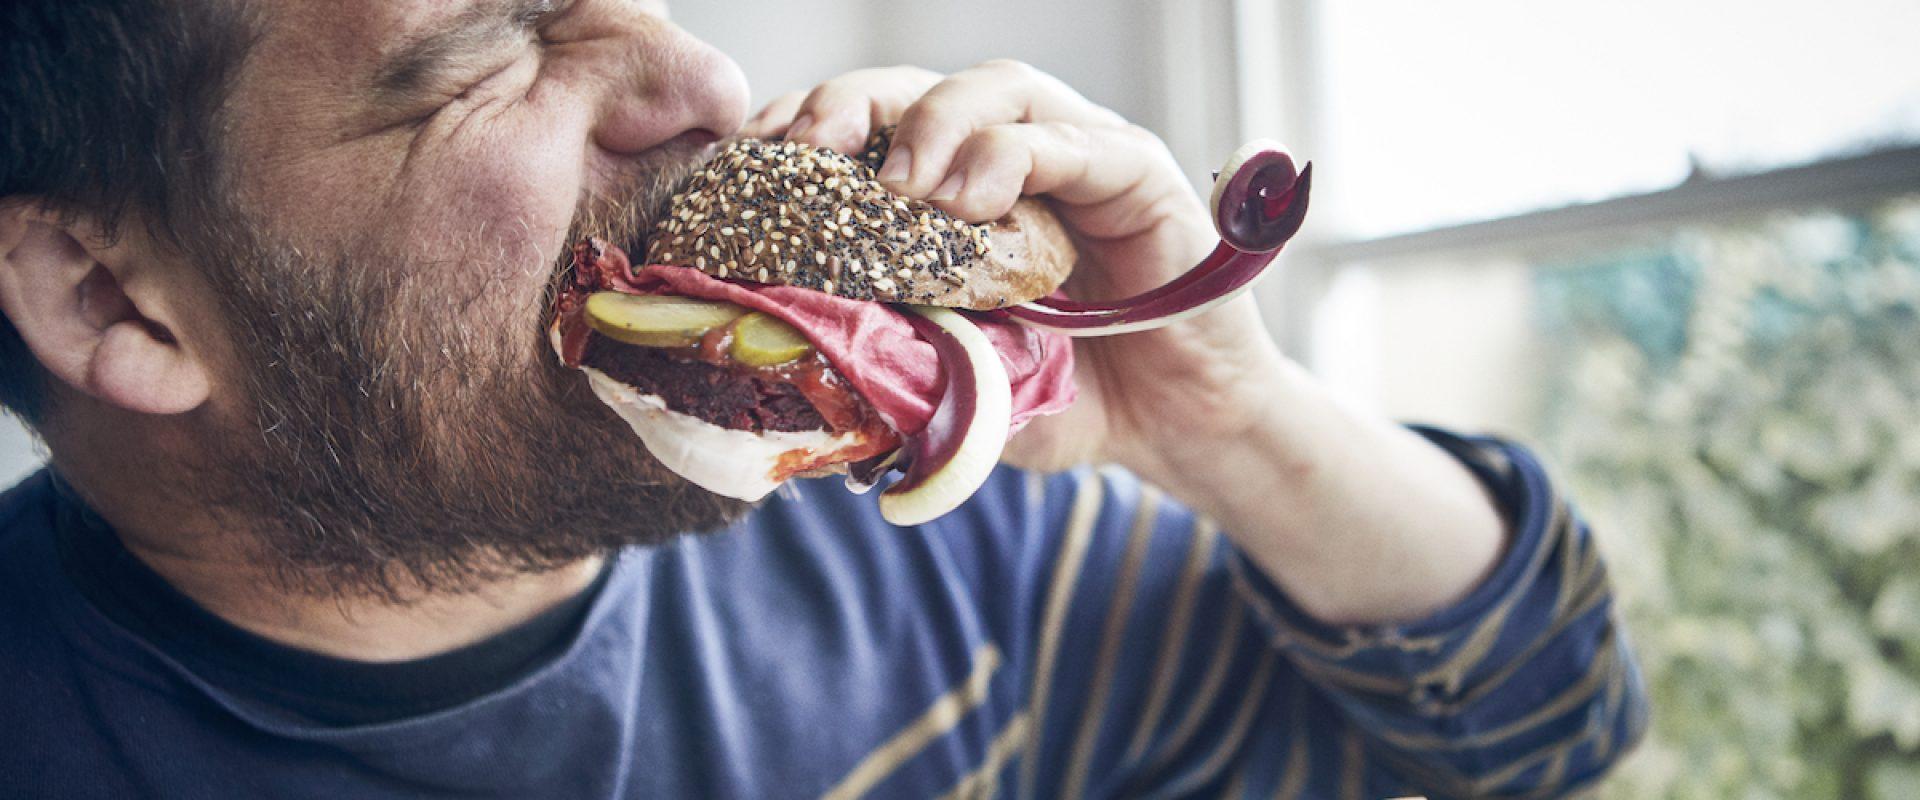 Tom Hunt eating a veggie burger